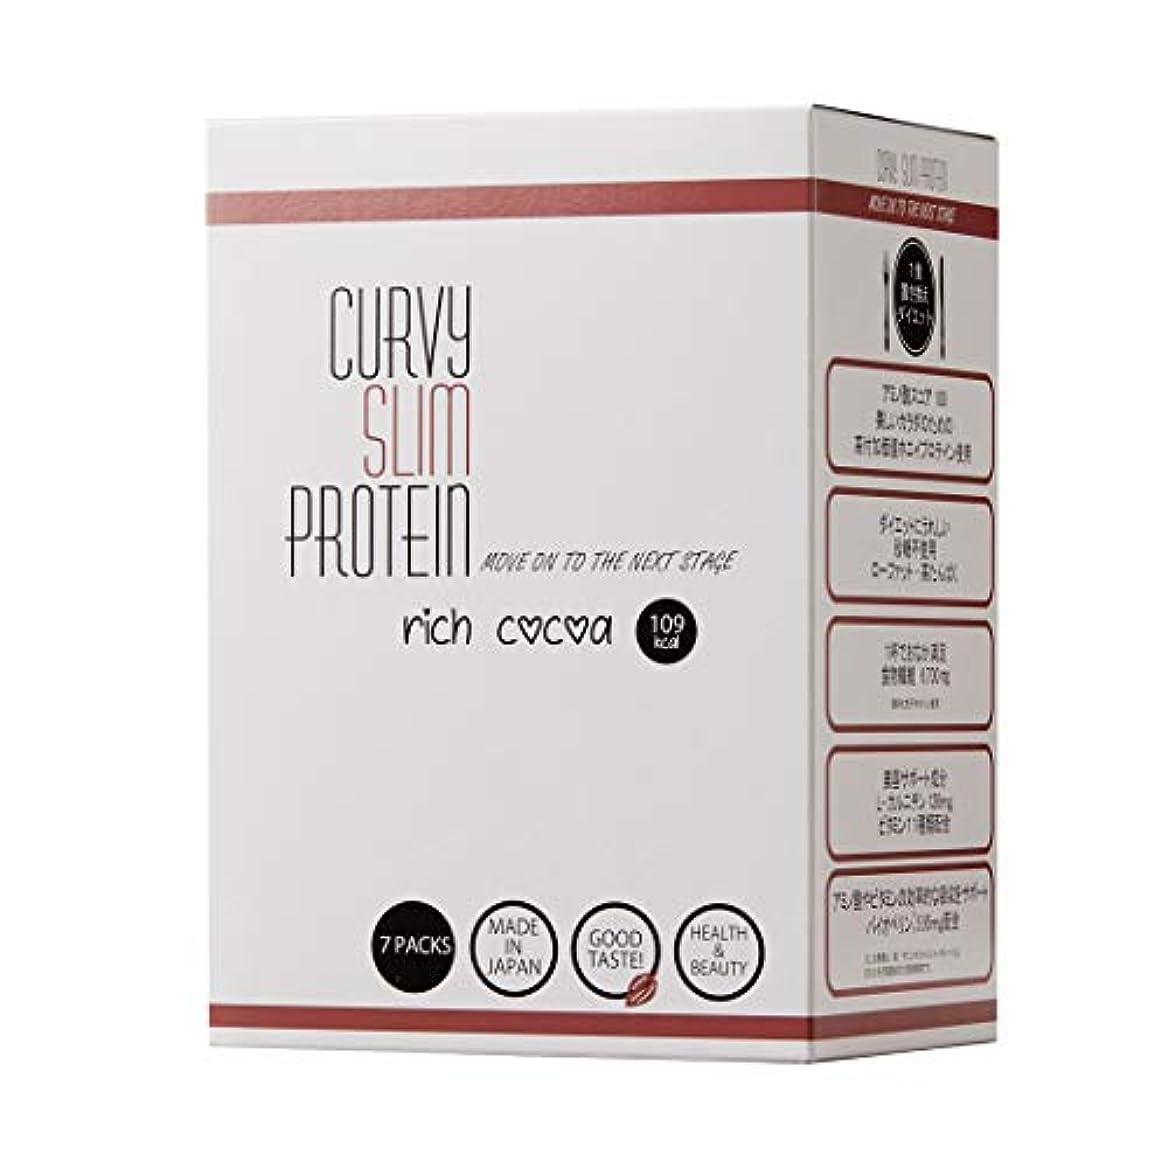 サポートもっともらしいファイルカーヴィースリム® プロテイン リッチココア 置き換え ダイエット 7包(7食分)